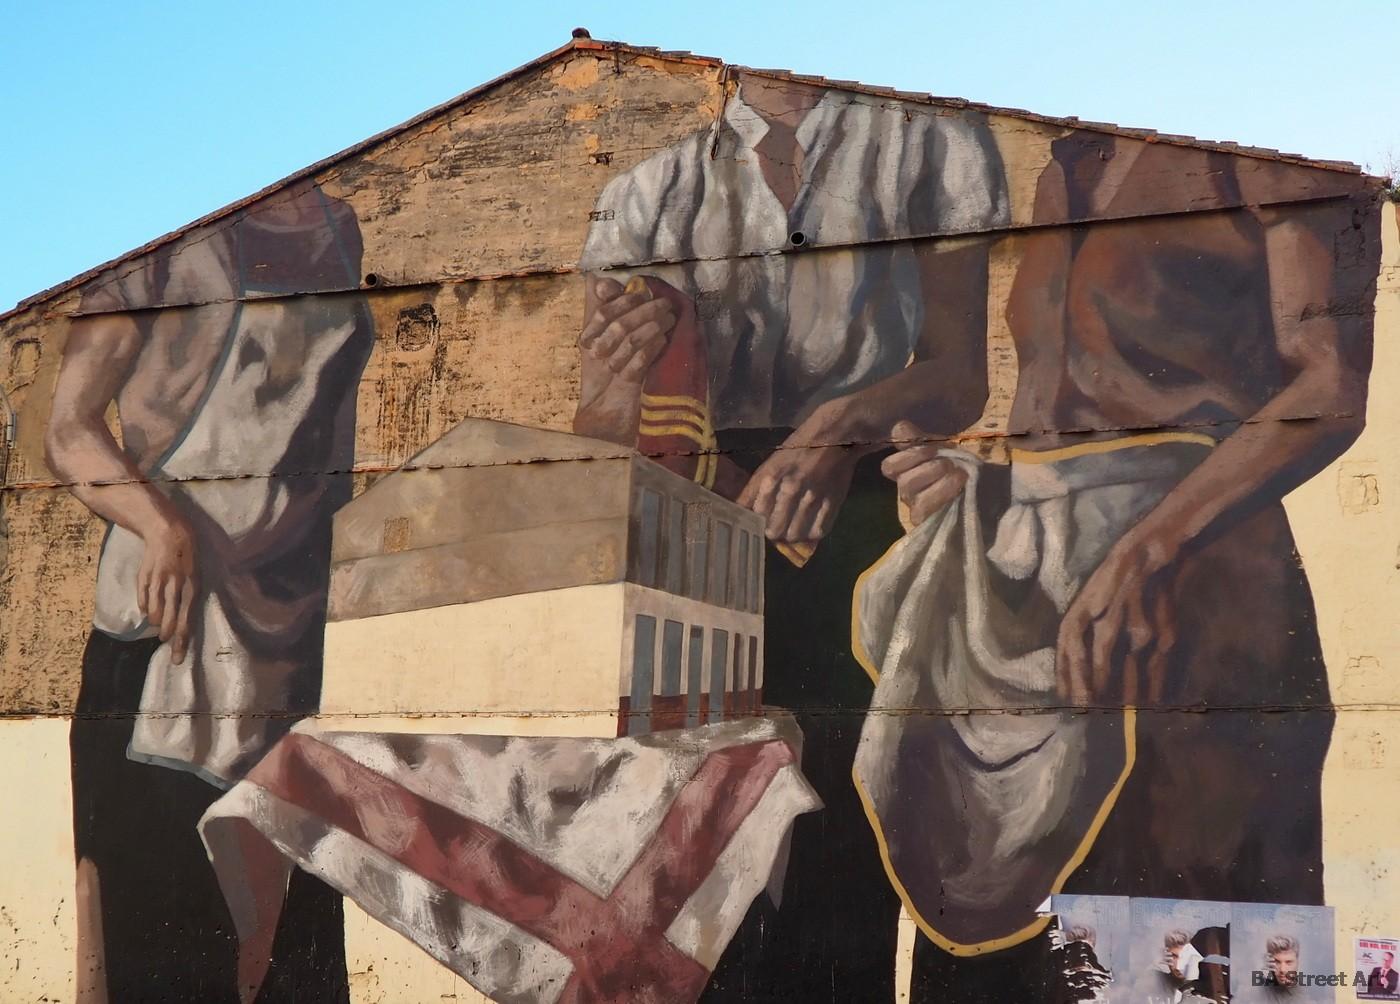 hyuro valencia mural artist street art graffiti fresque murais cabanyal muro españa spain